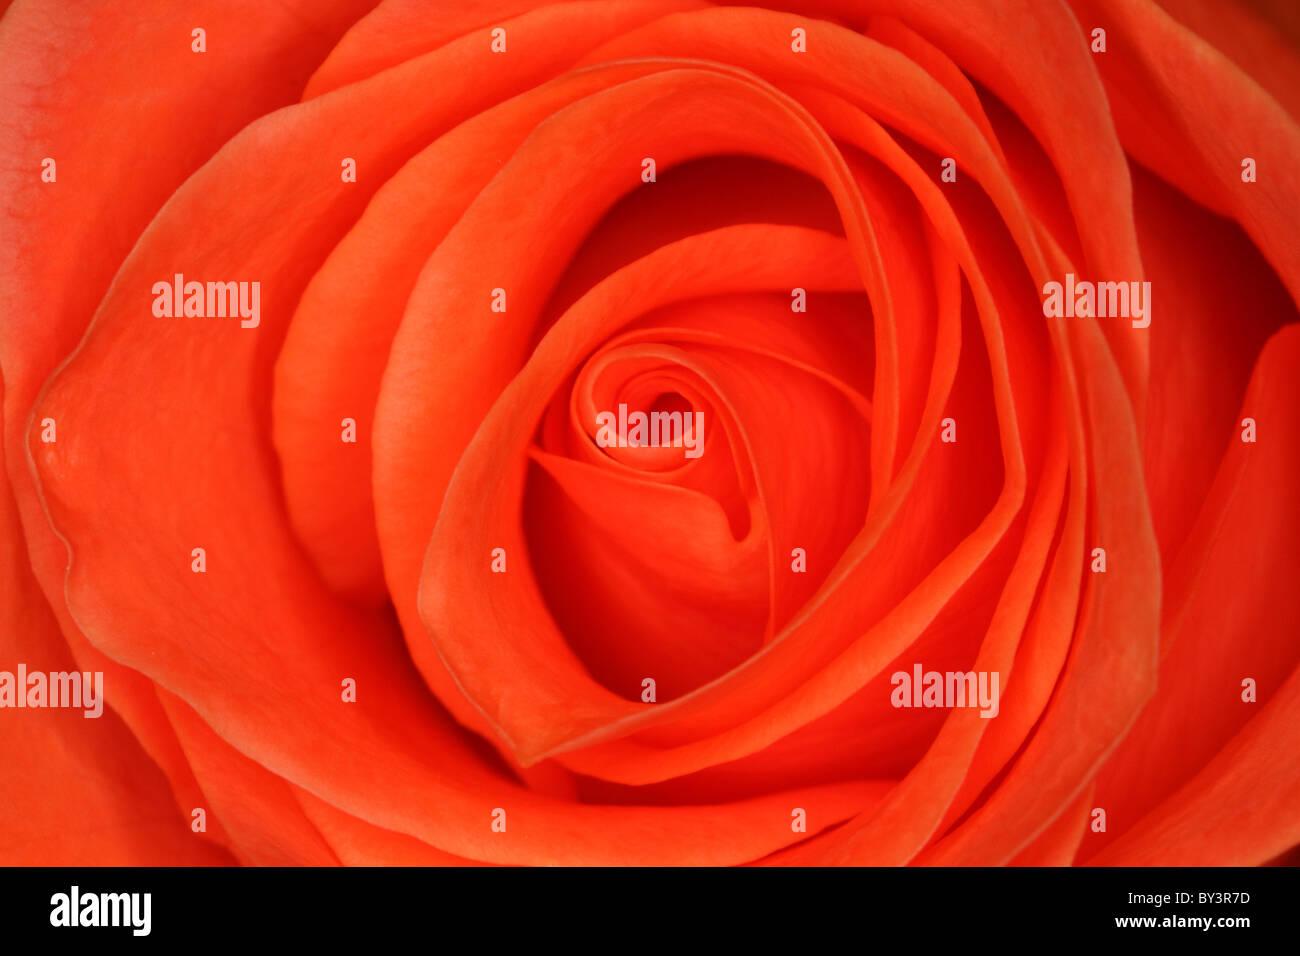 Orange Rose Blumenblätter Muster Stockbild